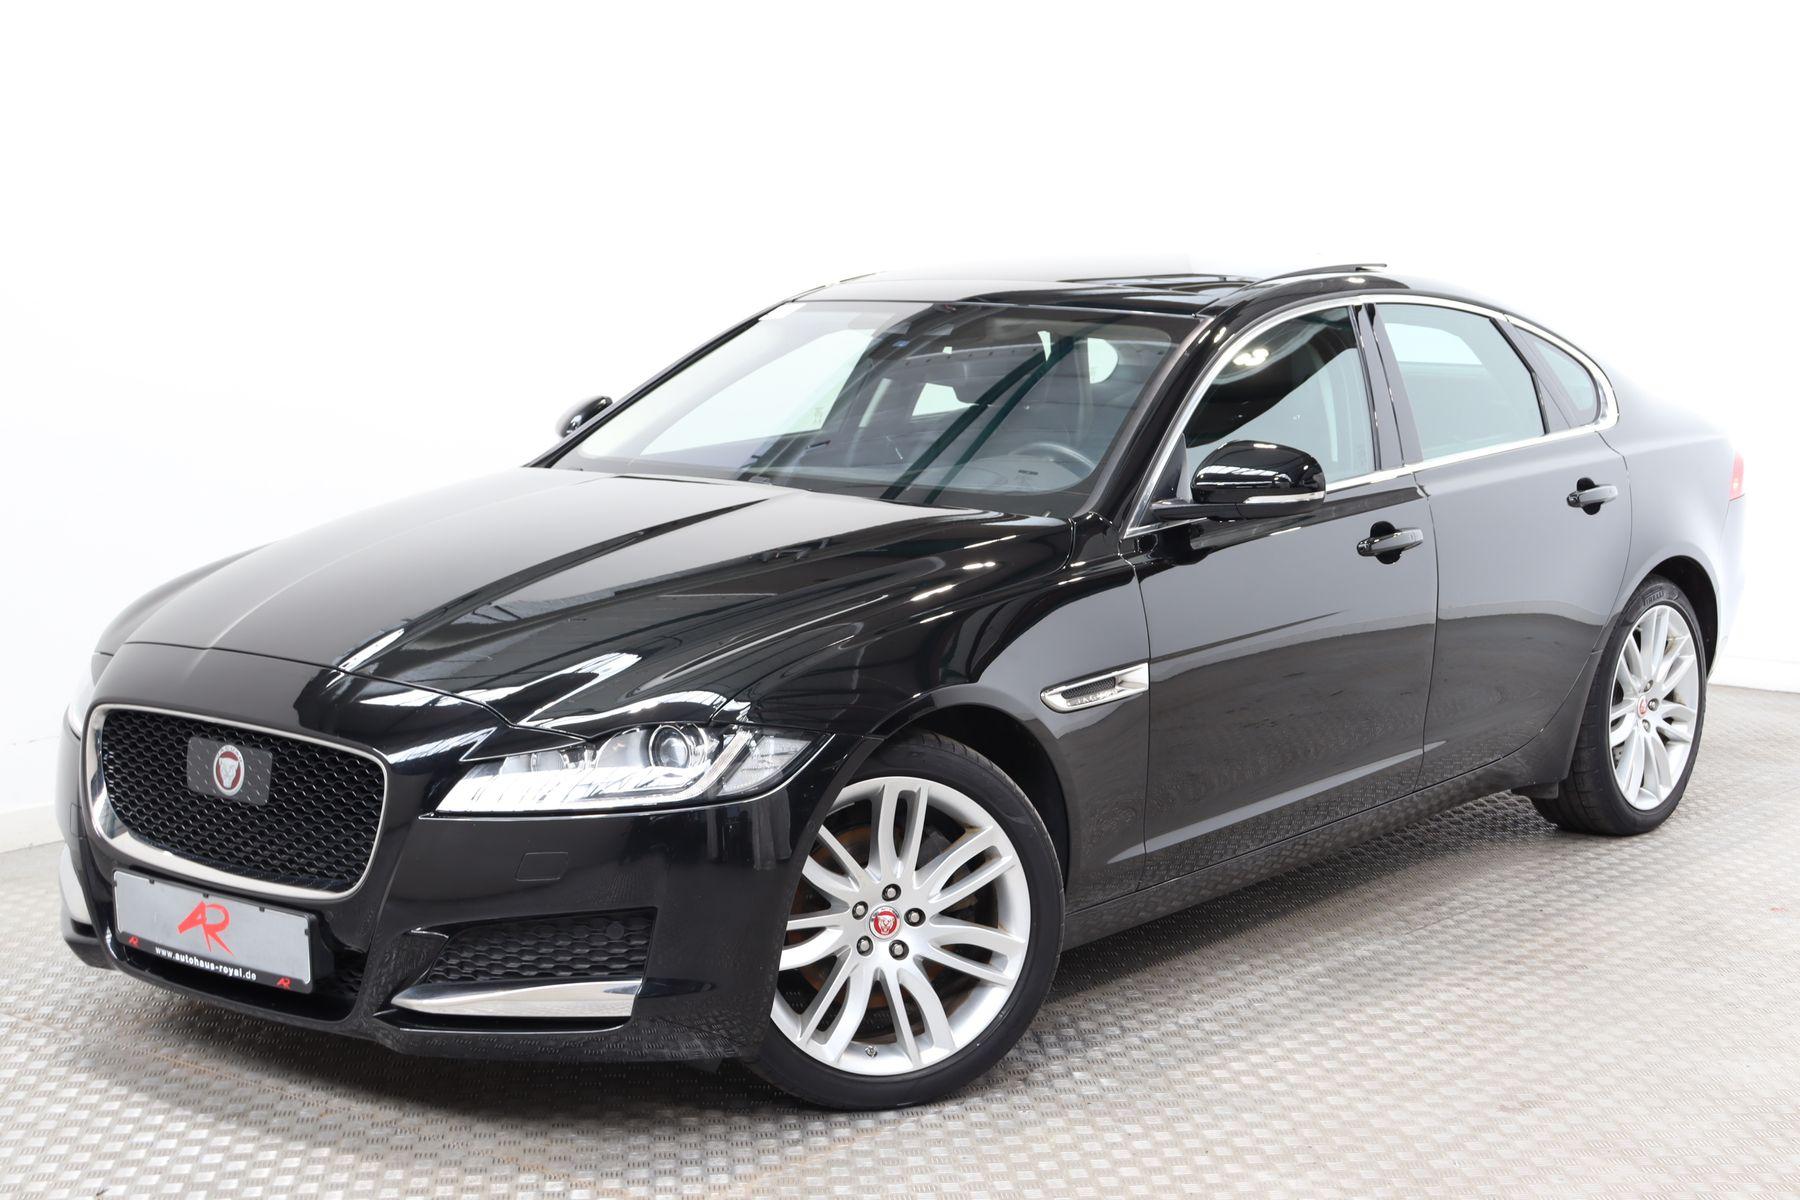 Jaguar XF 2.0 d HEADUP,PANO,ACC,TOTWINKEL,MEMORY,KAMERA, Jahr 2016, Diesel